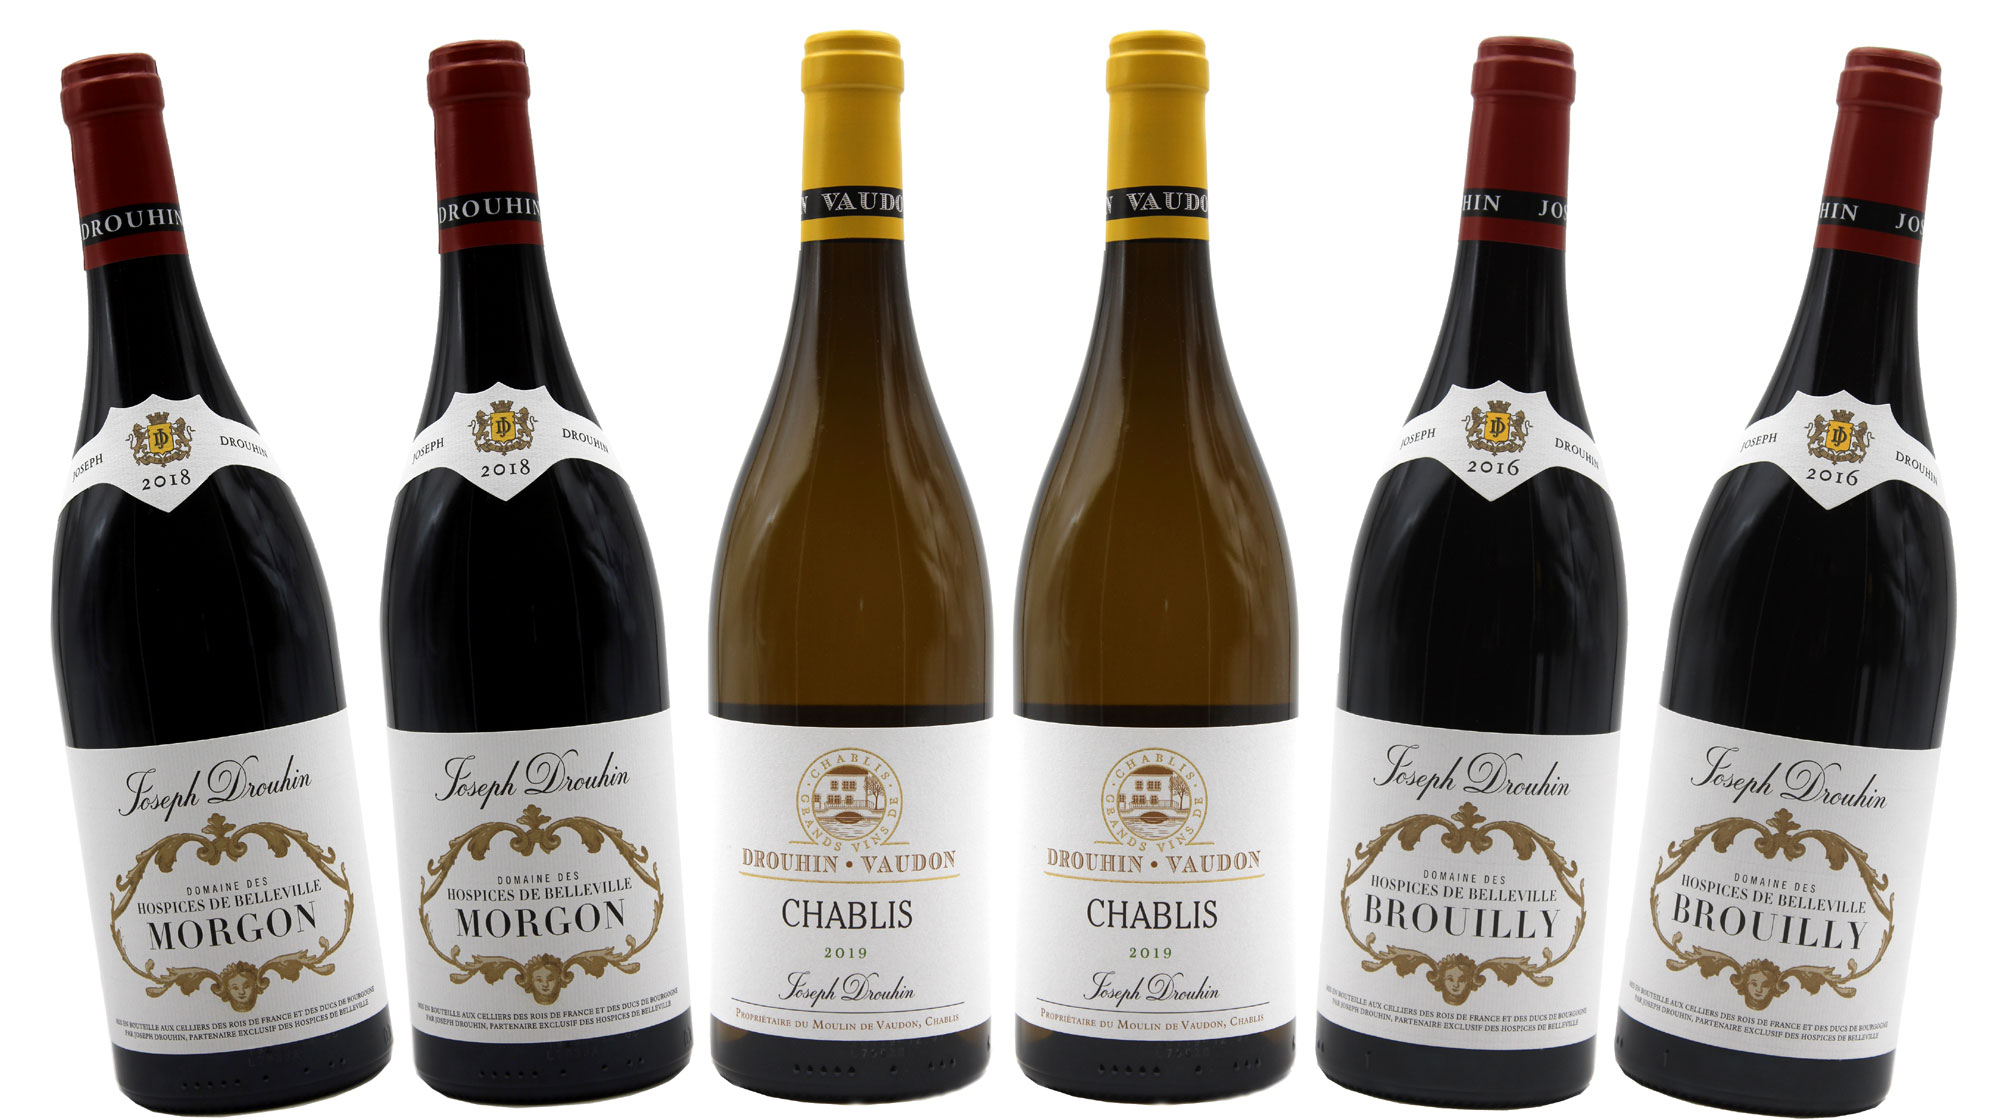 Coffret Découverte Drouhin Morgon, Brouilly & Chablis